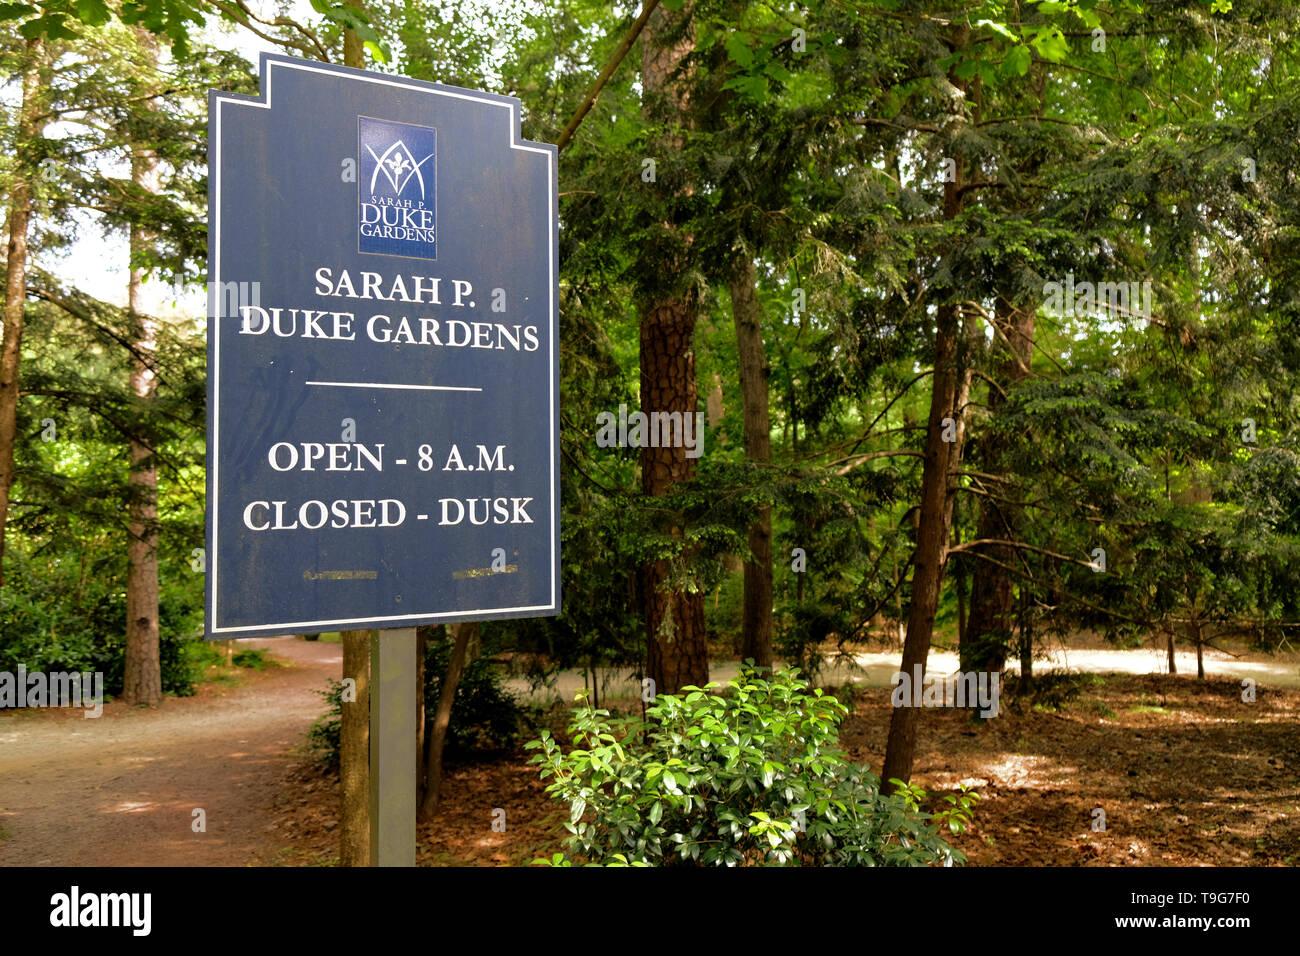 Schild am Sarah P. Duke Gardens auf dem Campus der Duke University in Durham, North Carolina, USA. Stockfoto